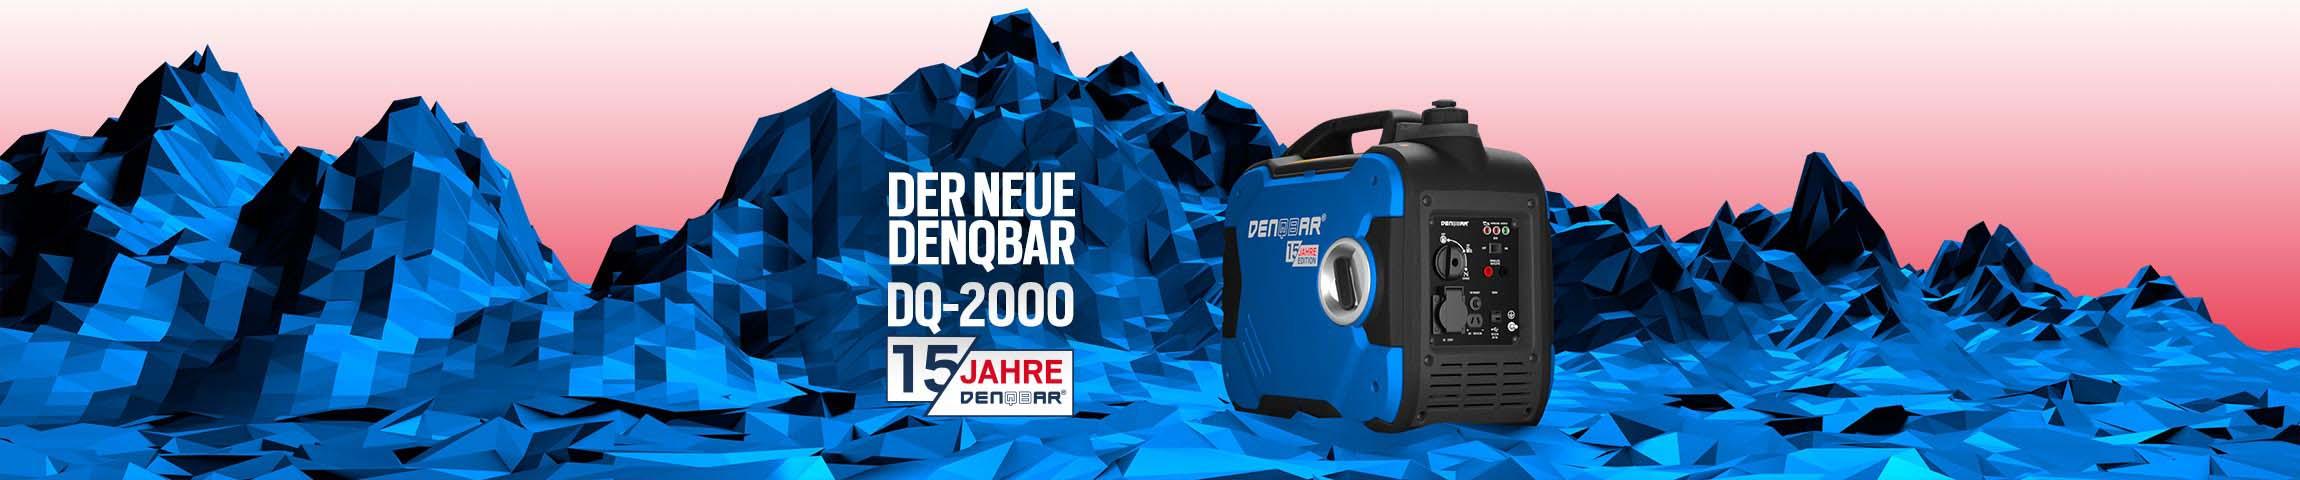 Der neue DENQbAR DQ-2000 Stromerzeuger